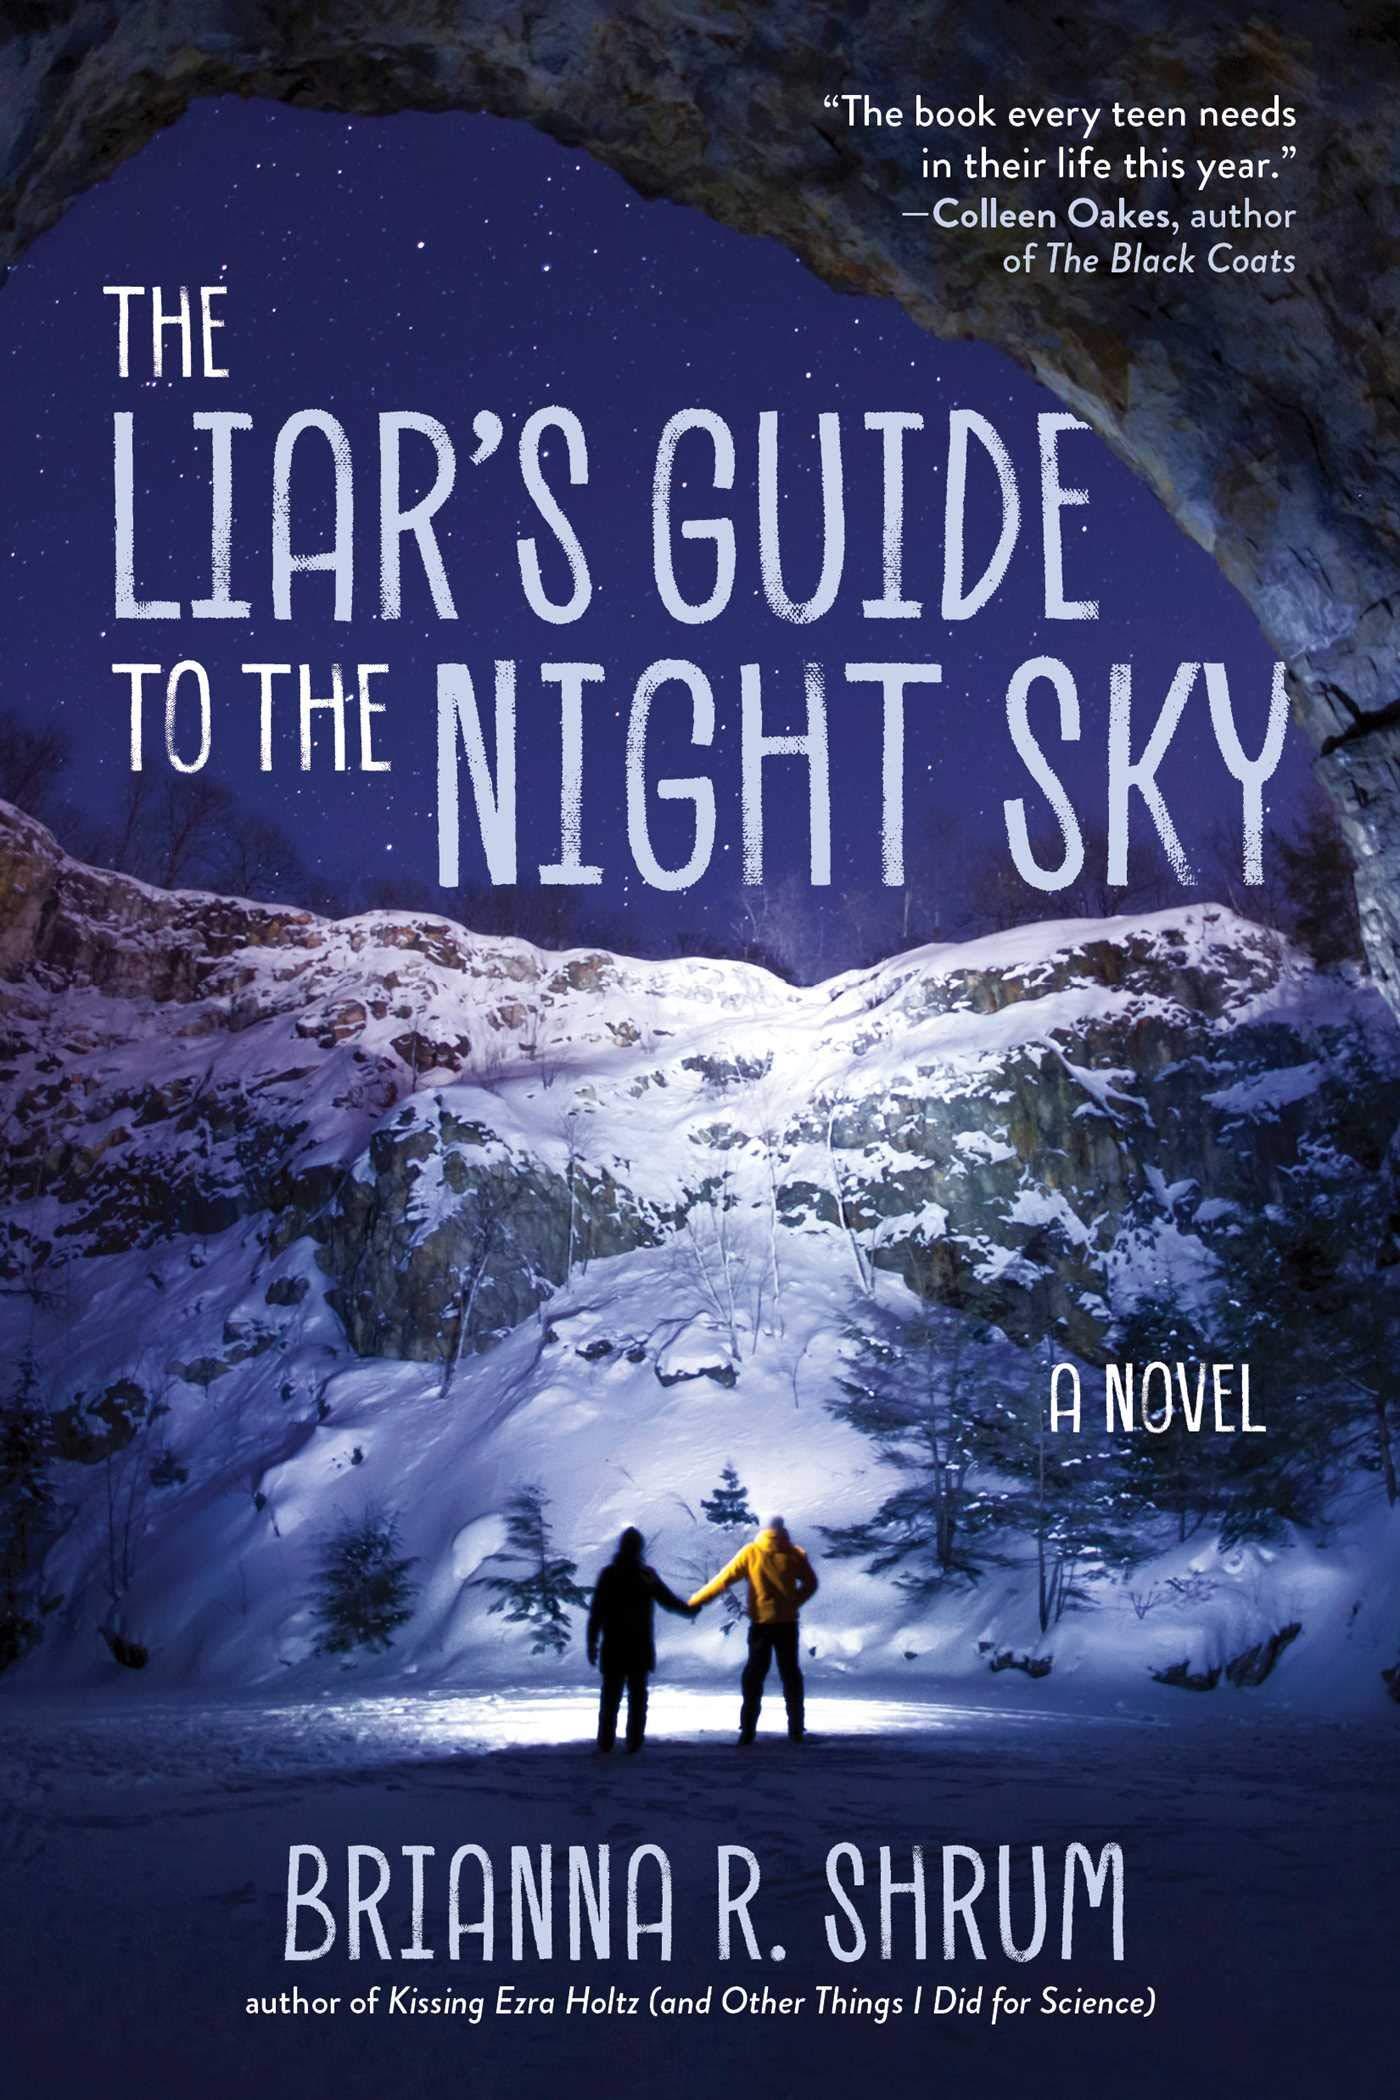 Amazon.com: The Liar's Guide to the Night Sky: A Novel (9781510757806):  Shrum, Brianna R.: Books